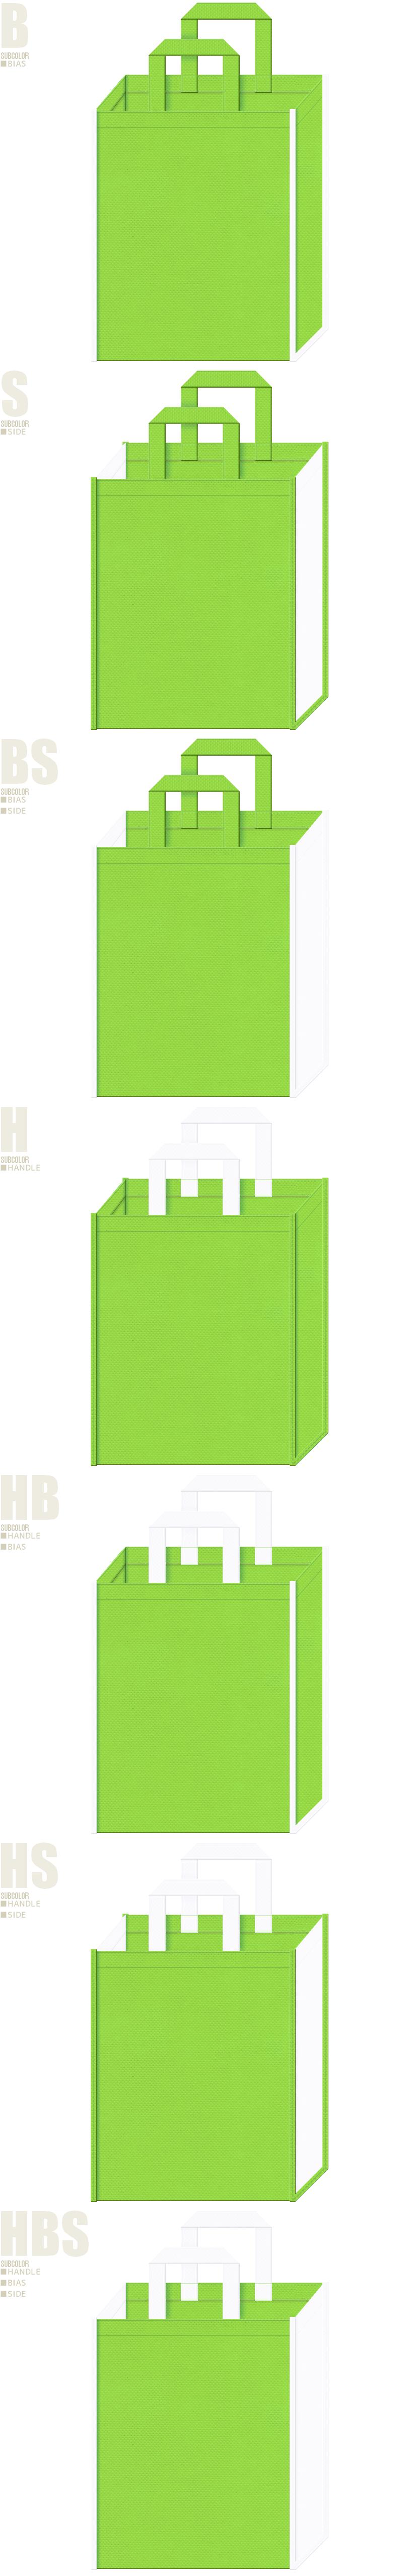 黄緑色と白色、7パターンの不織布トートバッグ配色デザイン例。園芸用品の展示会用バッグにお奨めです。